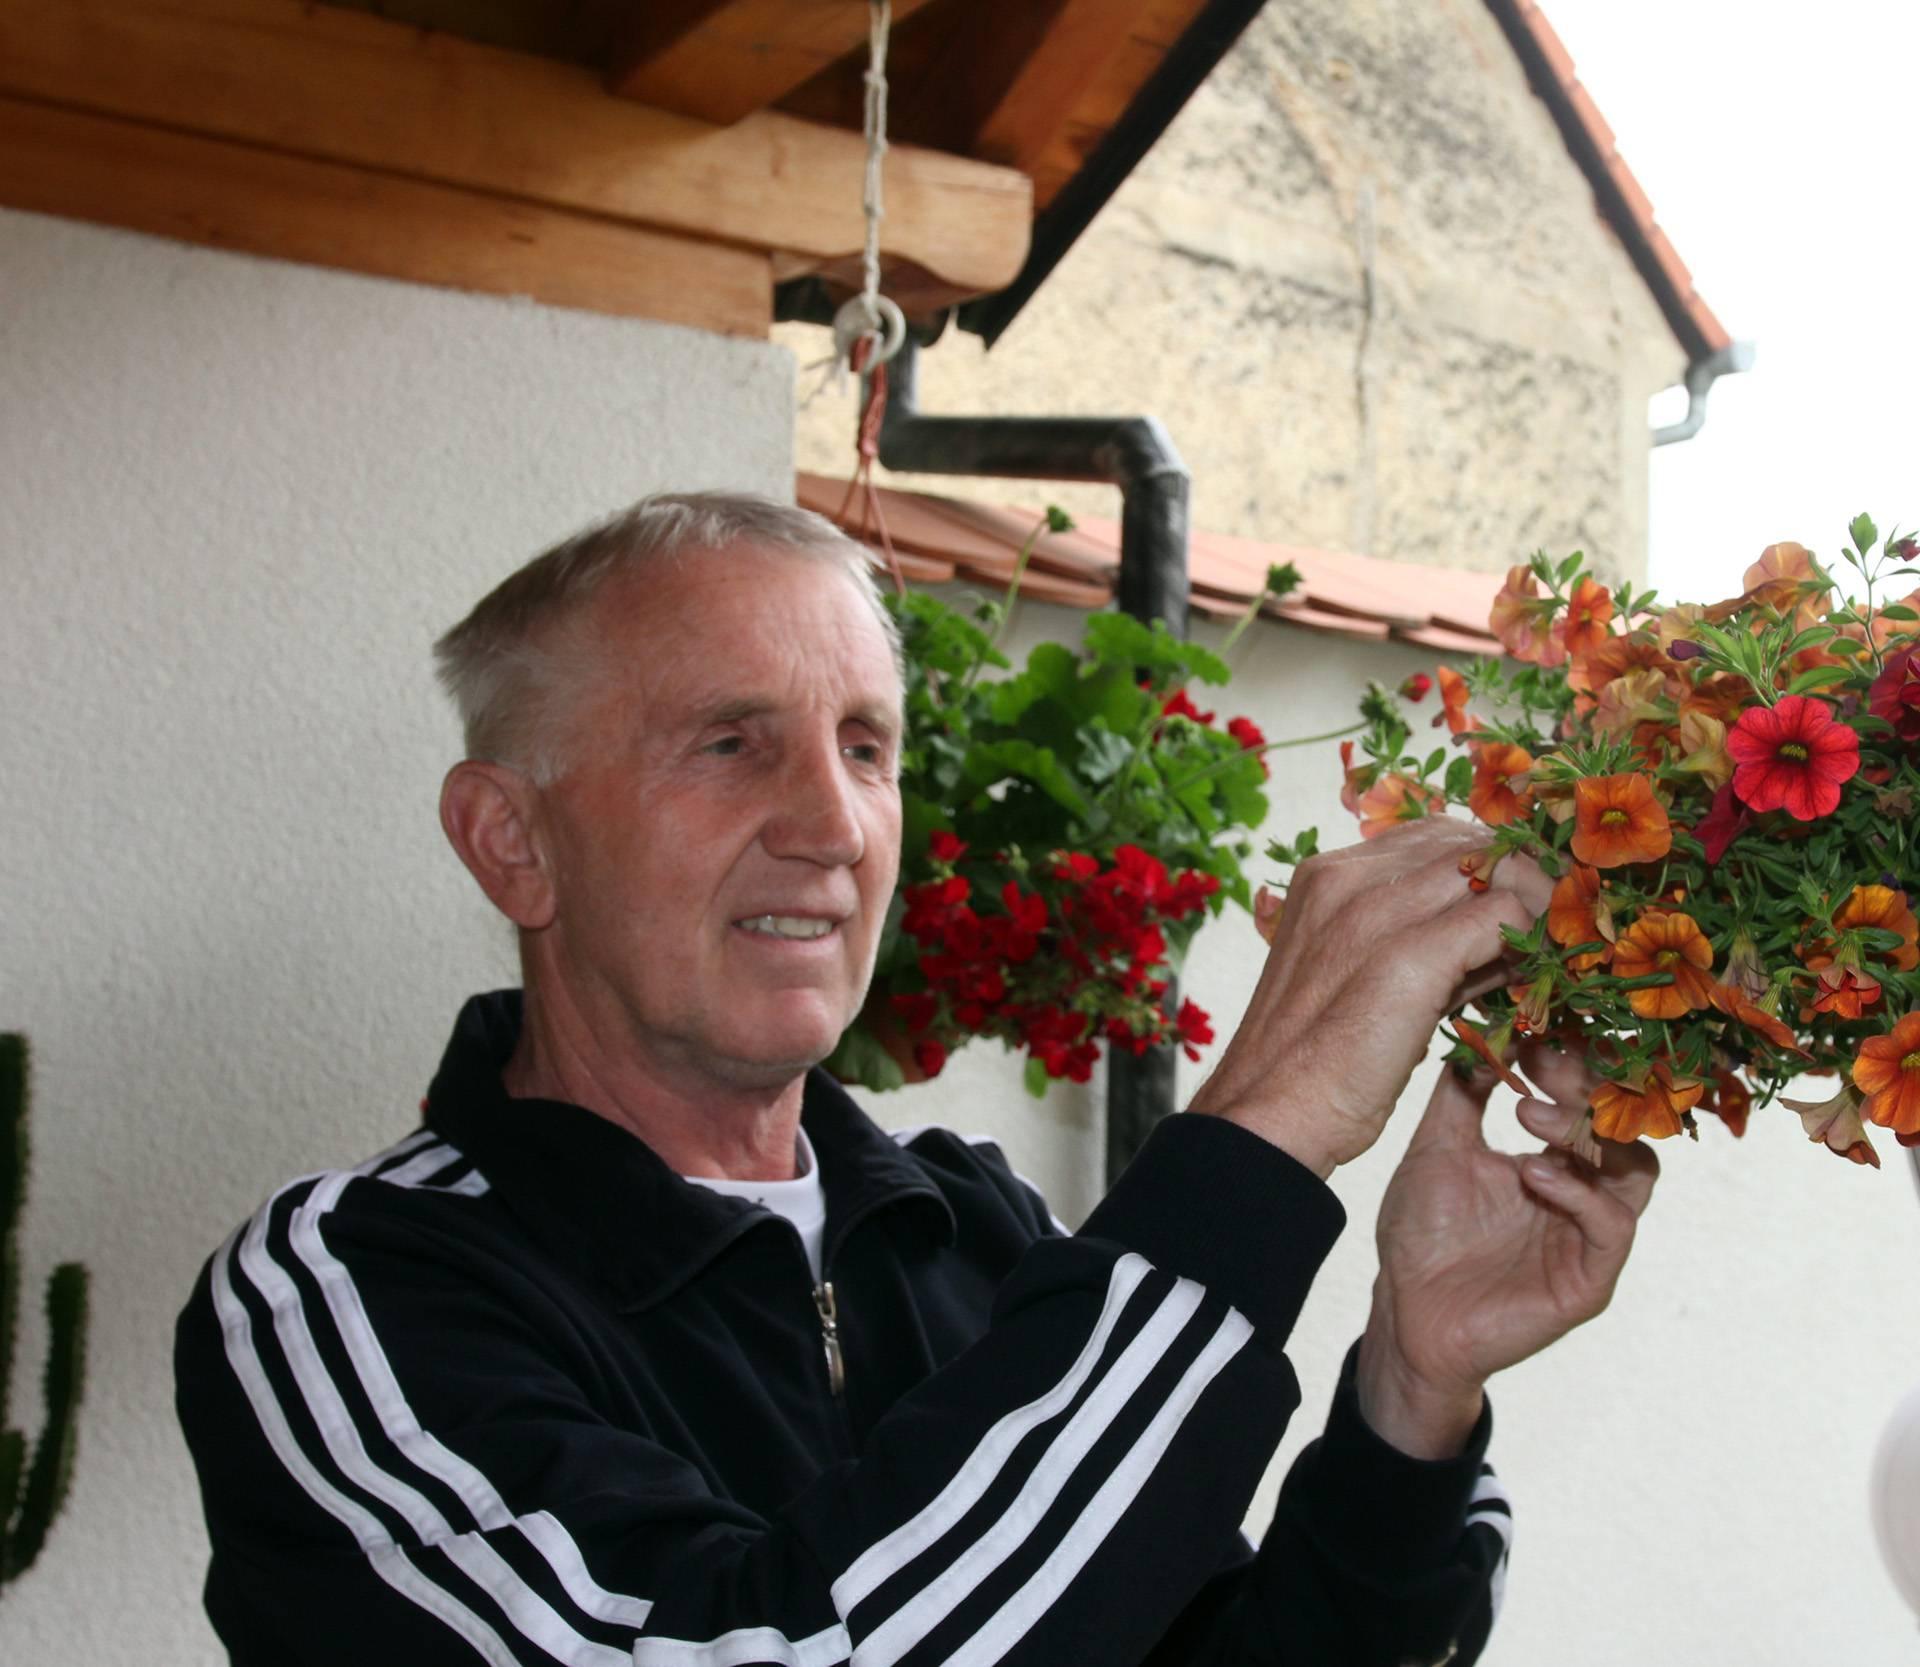 Nagrađen za humanost: Branko (63)  je dao krv čak 129 puta